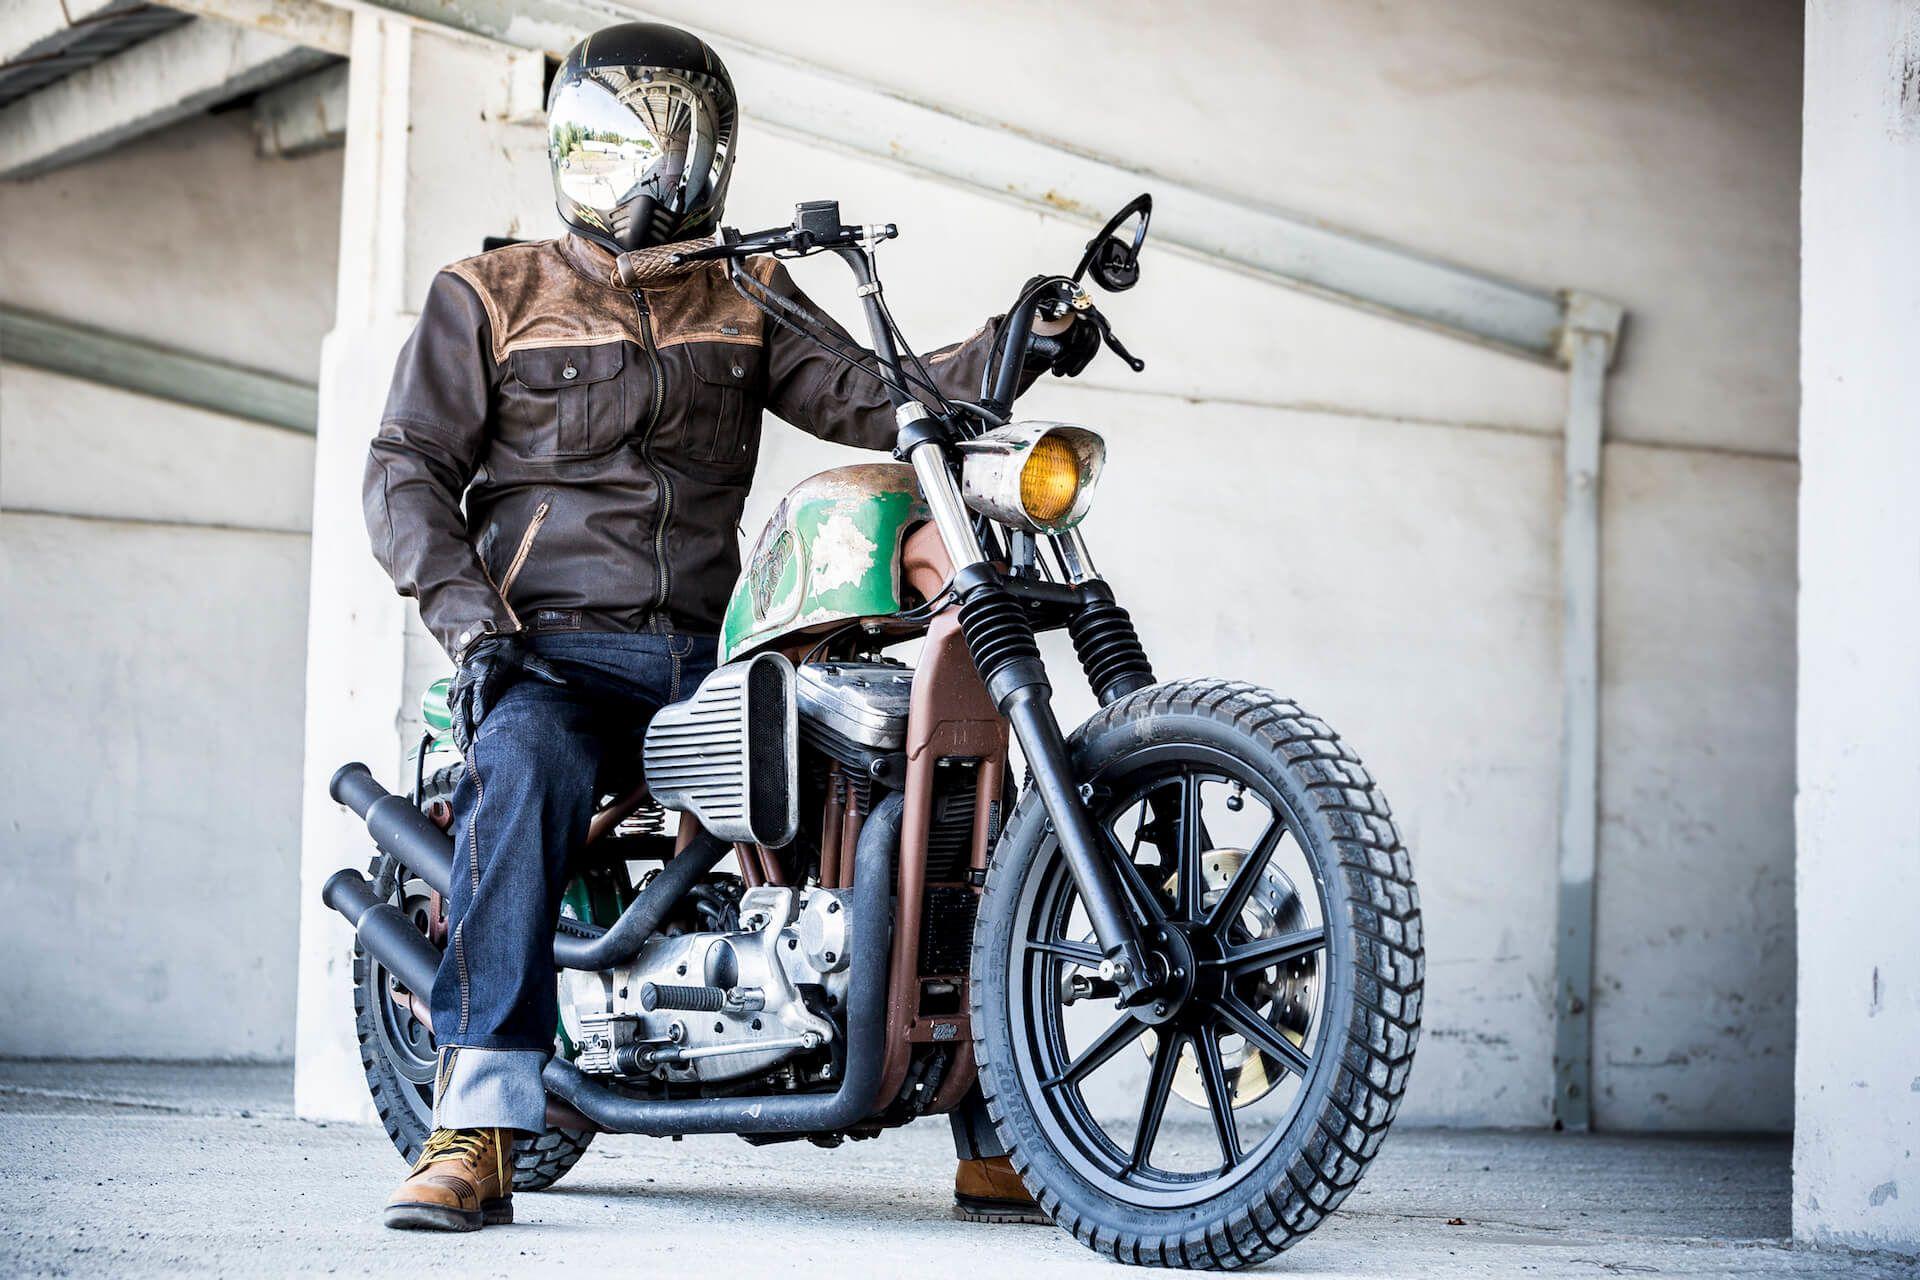 Motocyklowa odzież Trilobite